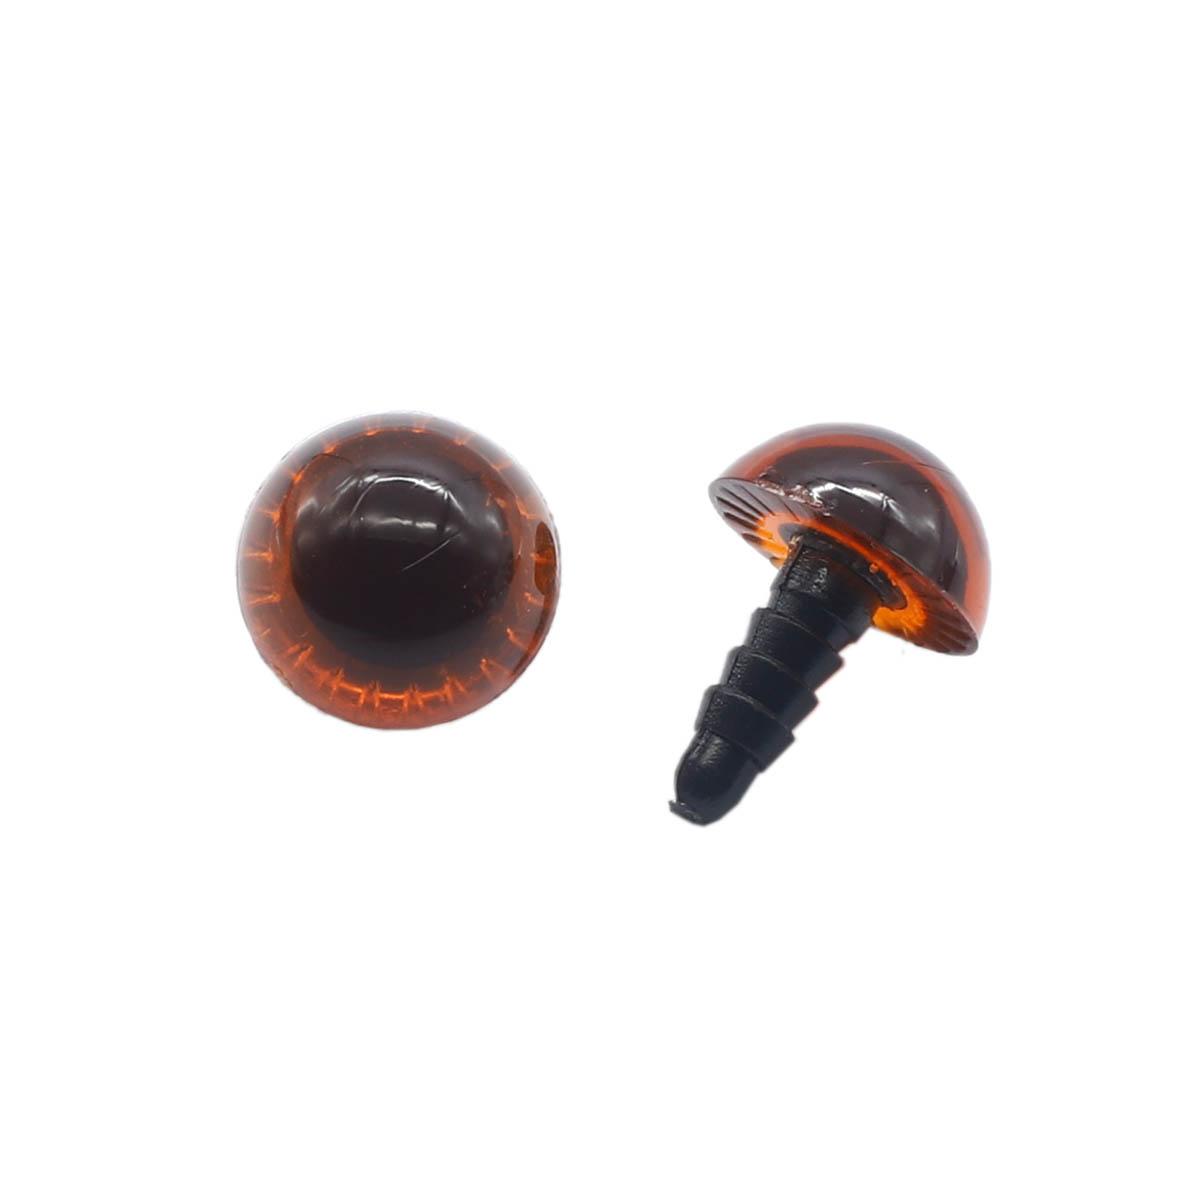 Глаза для игрушек Д16-20мм пластик. (20 мм /коричневый) фото